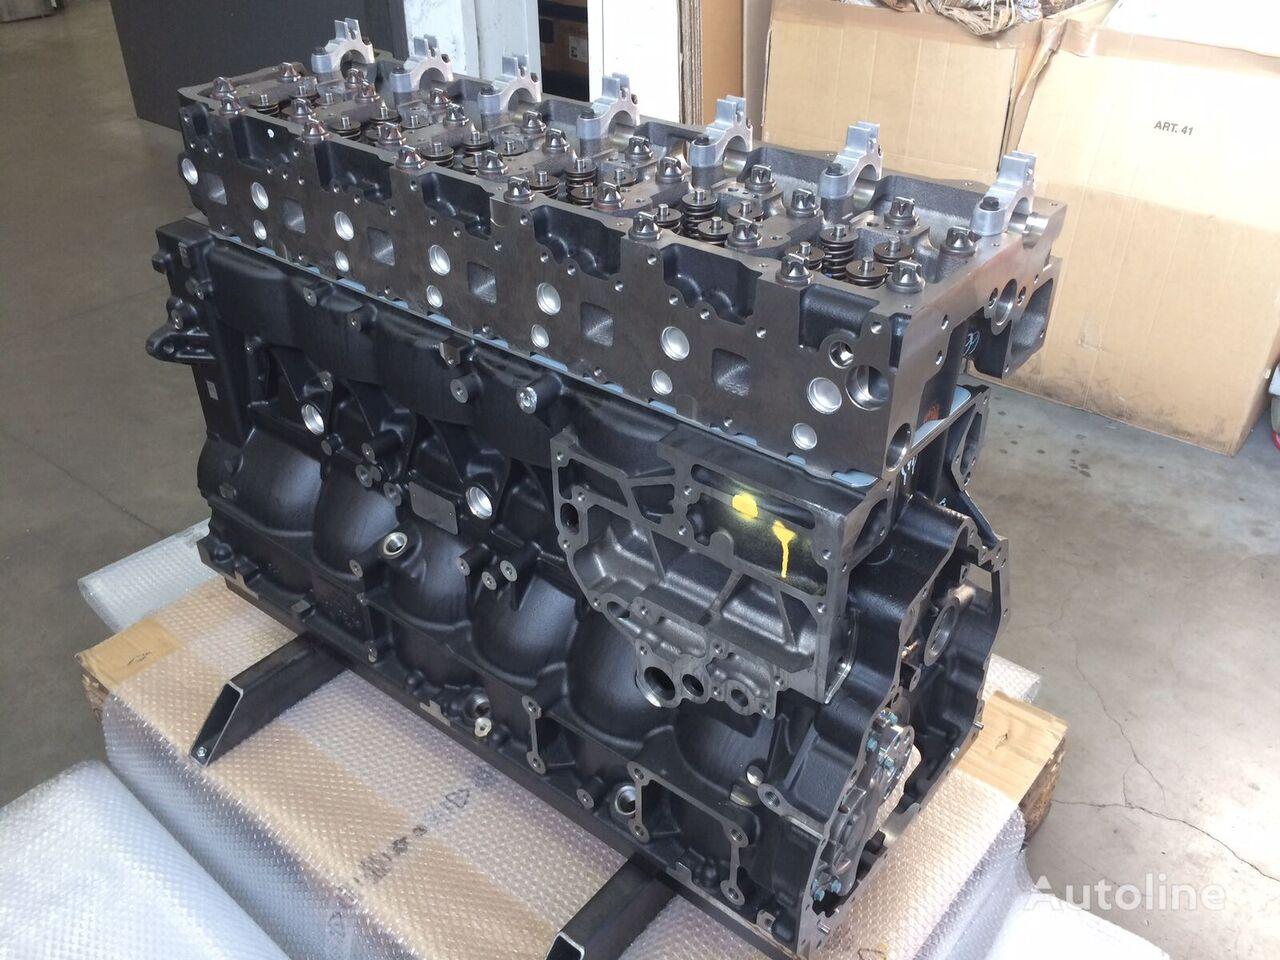 MAN D2676LOH31 - 480CV - EURO 6 - BUS motor para MAN camión